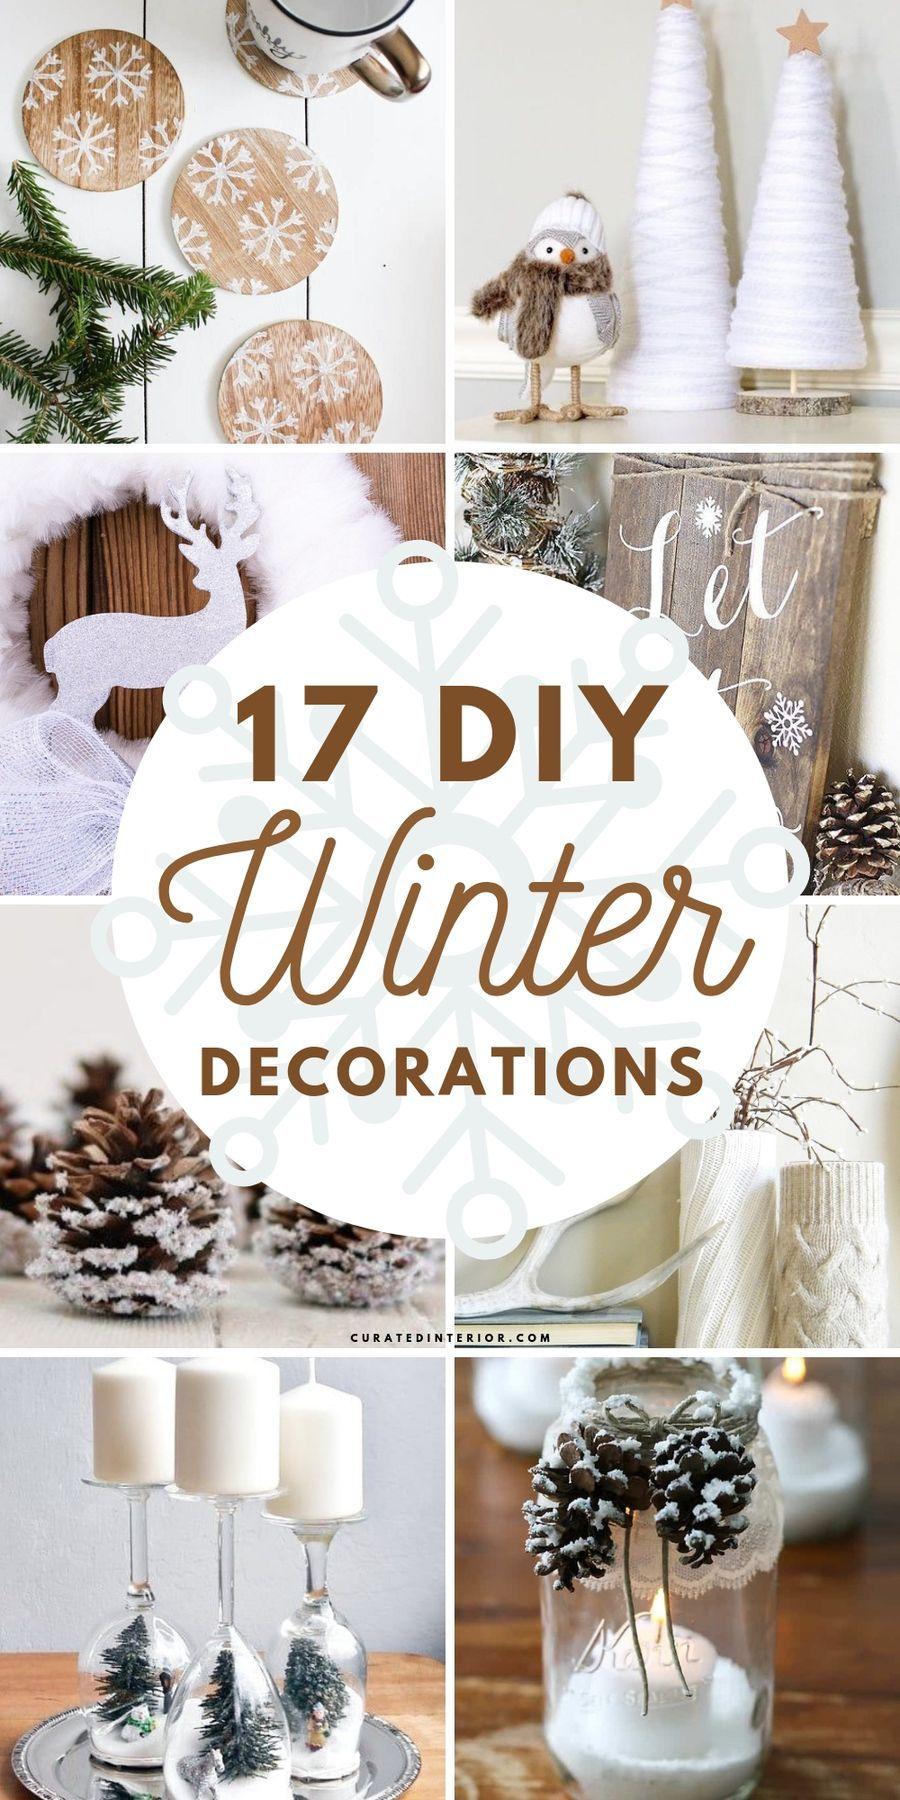 Winter Decor Ideas And Non Christmas Winter Decorations Winter Decor Winter Decorations Diy Winter Diy